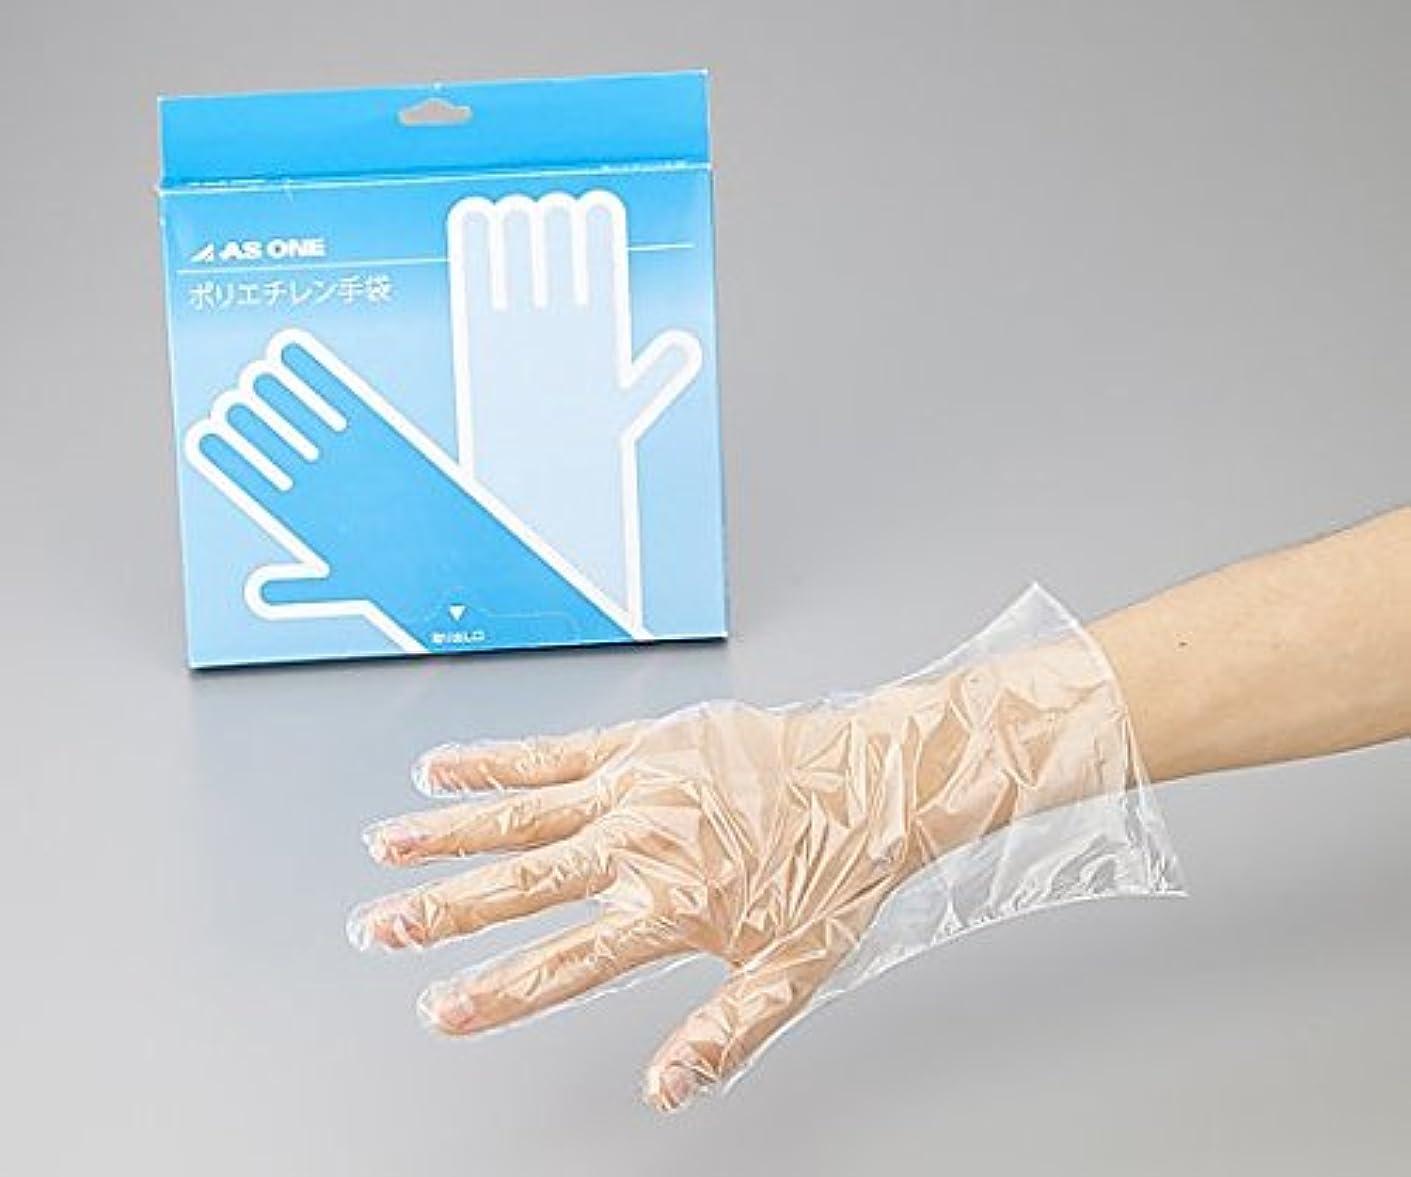 グレードレイプ簡潔なアズワン2-4973-01ポリエチレン手袋スタンダード標準厚L100枚入